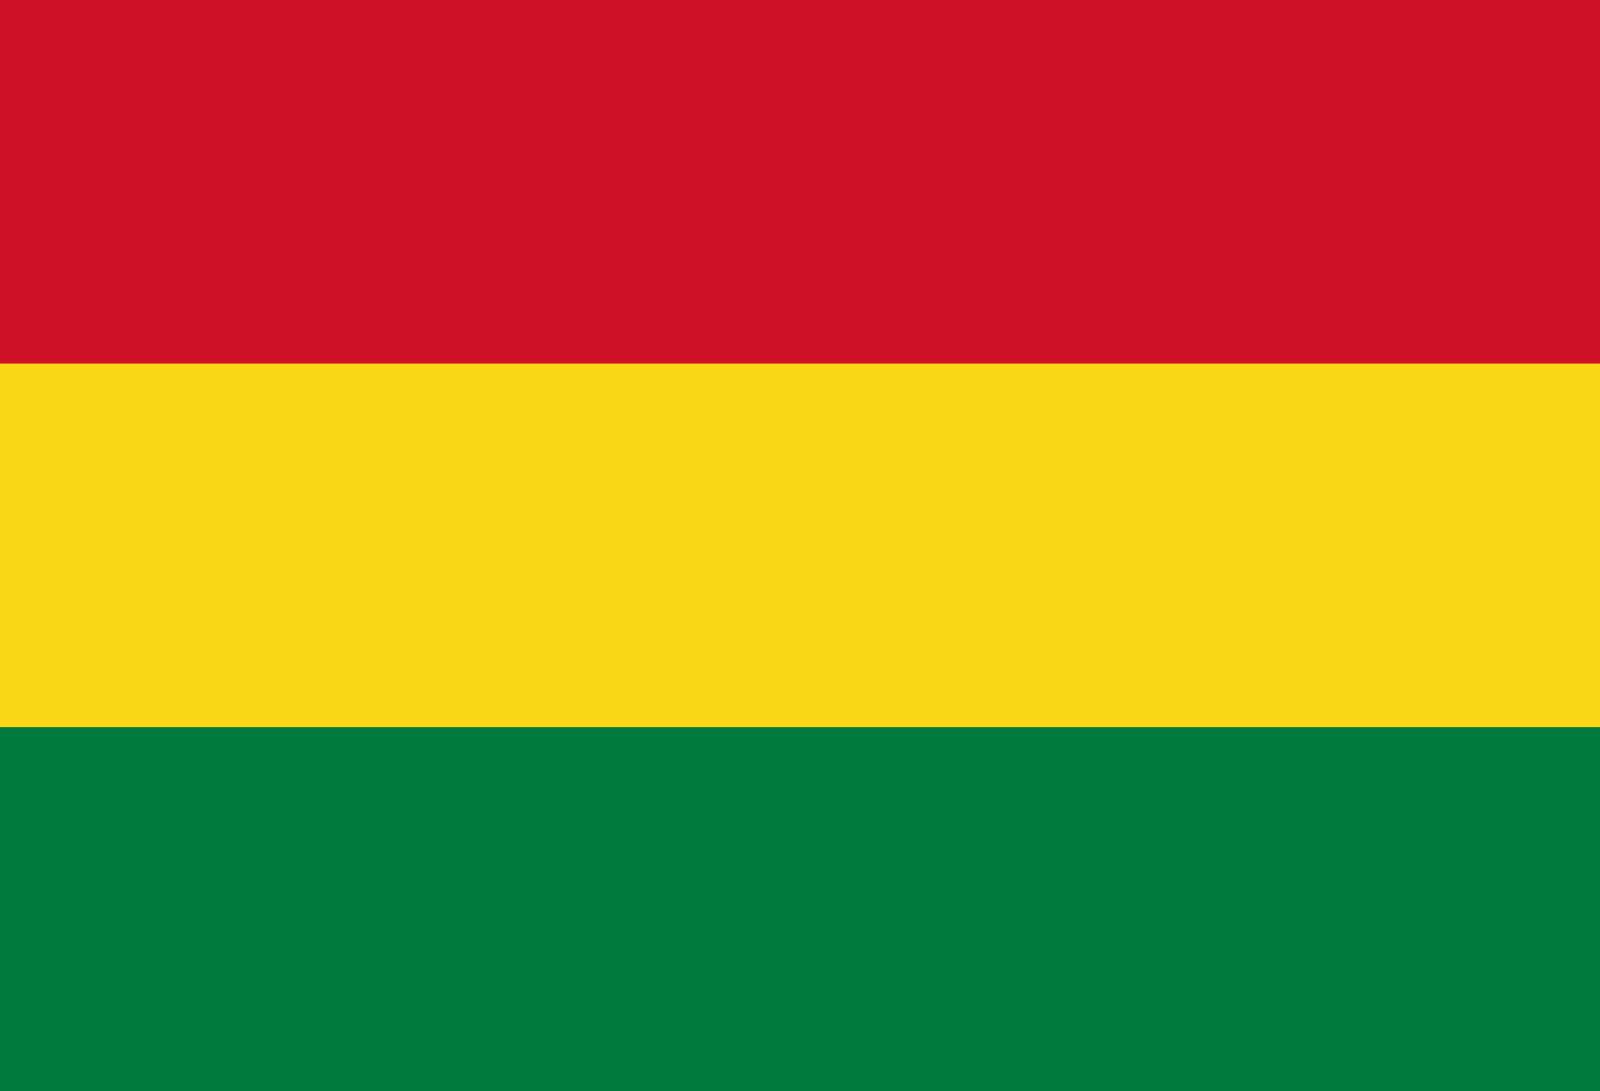 Drapeau bolivie drapeau am rique du sud carte du monde - Drapeau de l amerique ...